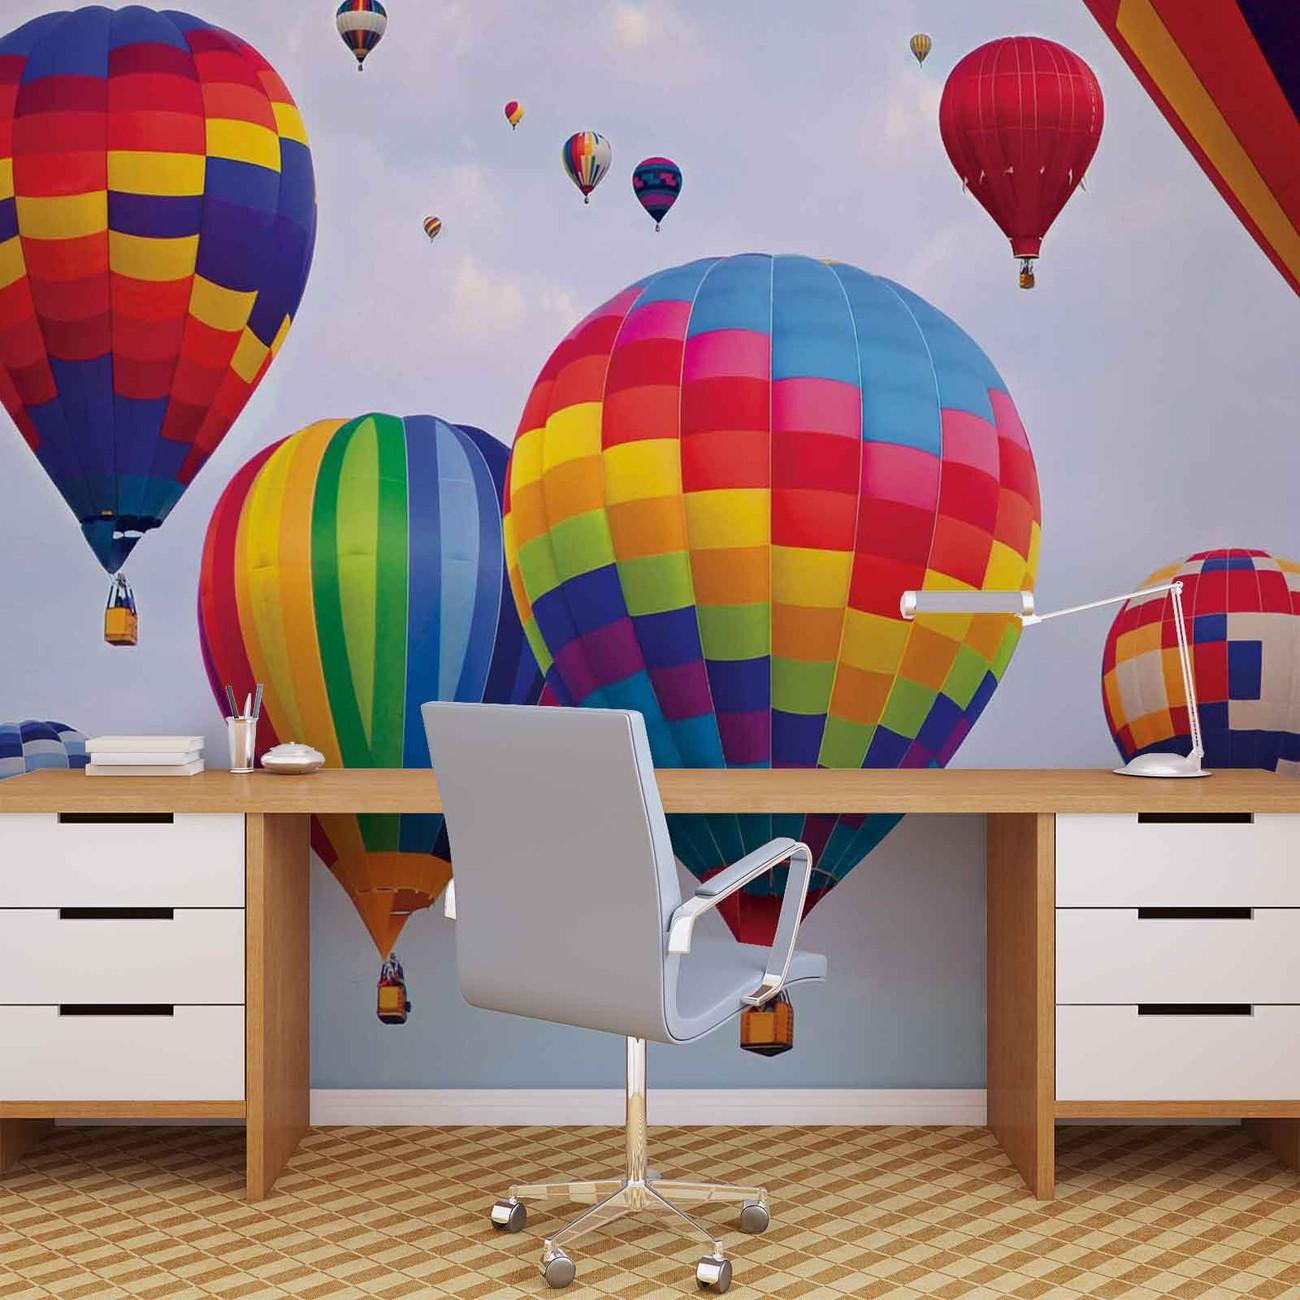 montgolfi res couleurs poster mural papier peint acheter le sur. Black Bedroom Furniture Sets. Home Design Ideas